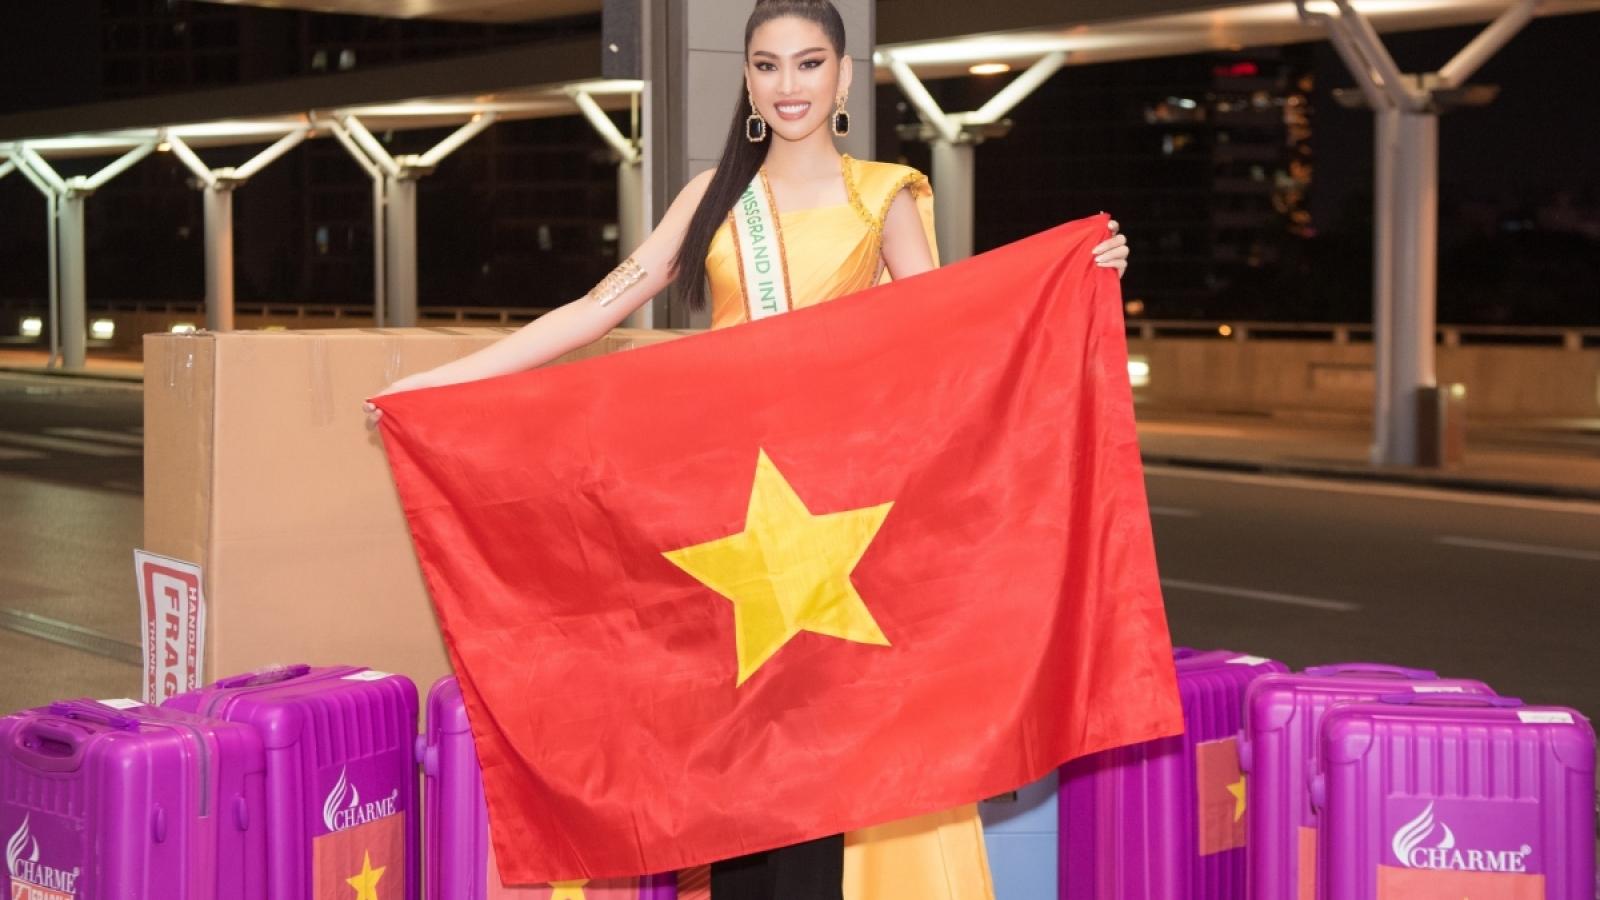 Ngoc Thao leaves for Miss Grand International 2020